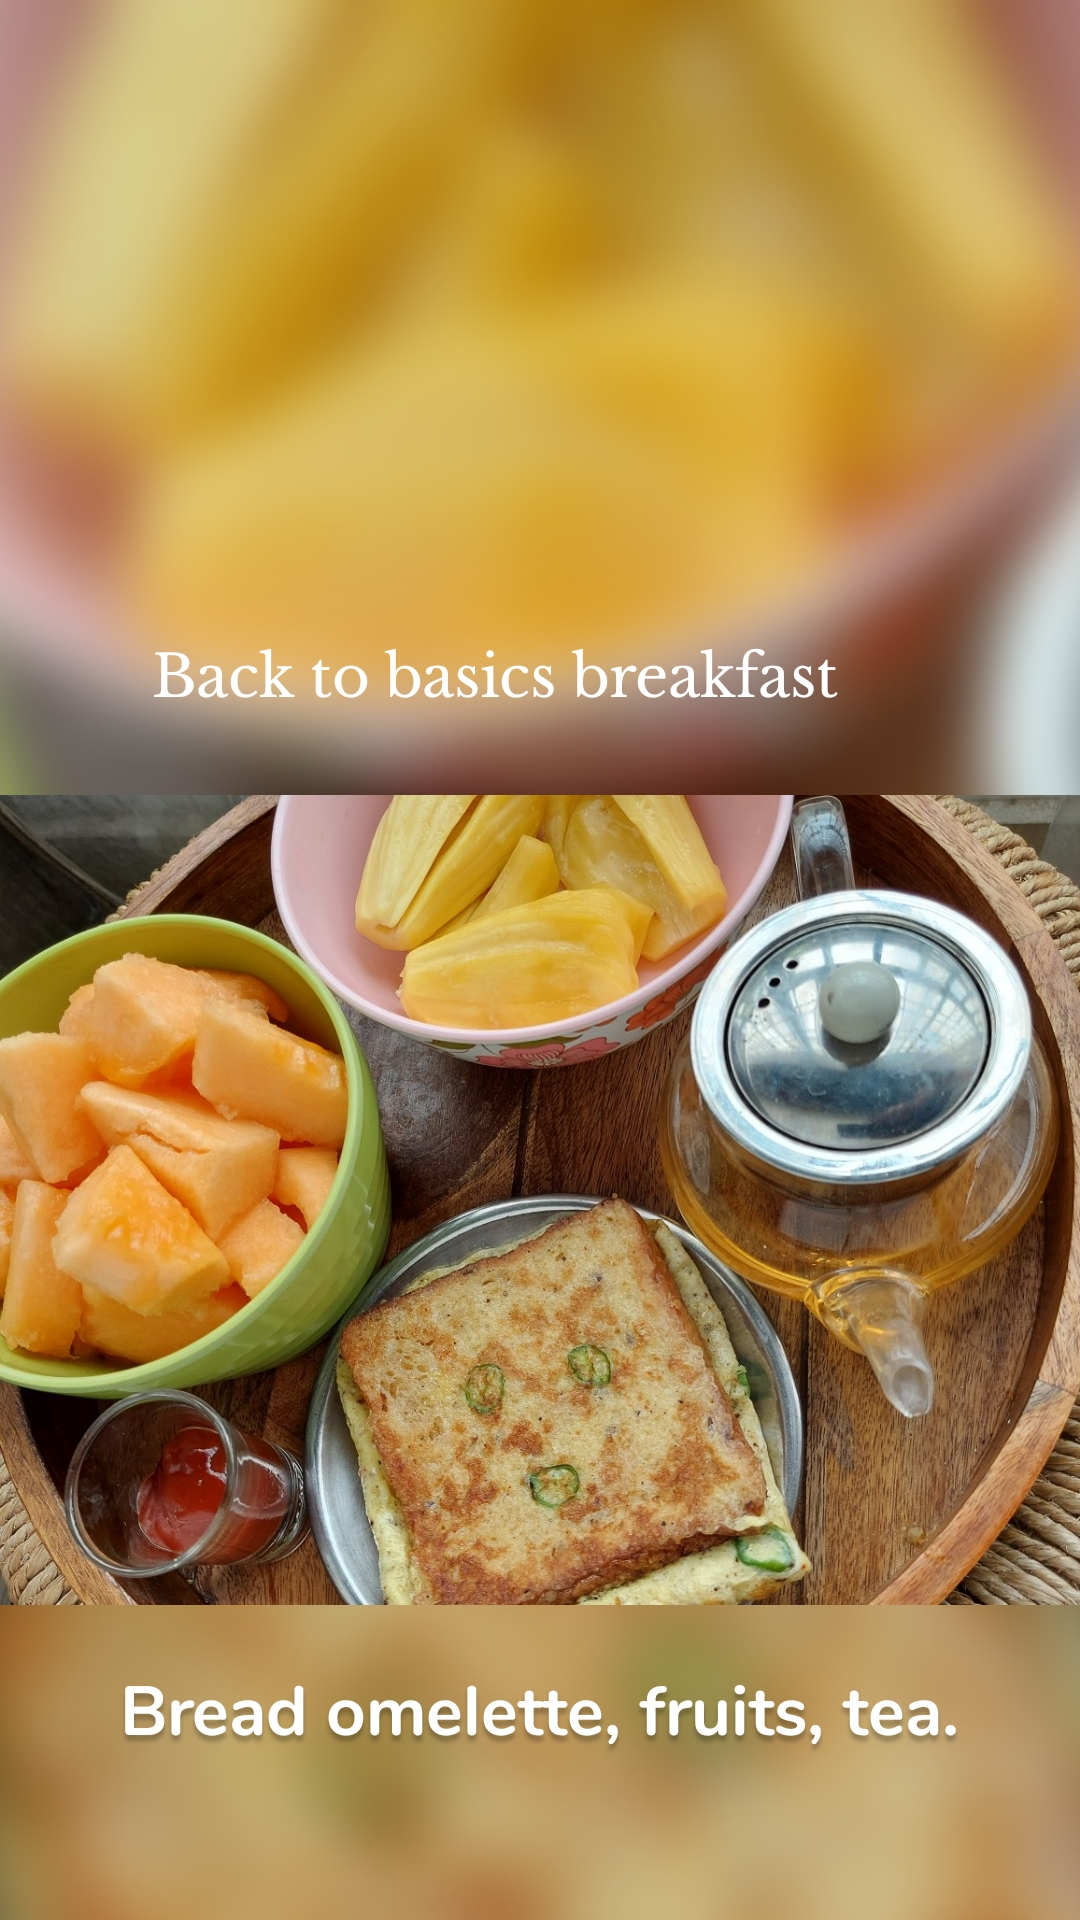 Back to basics breakfast Bread omelette, fruits, tea.